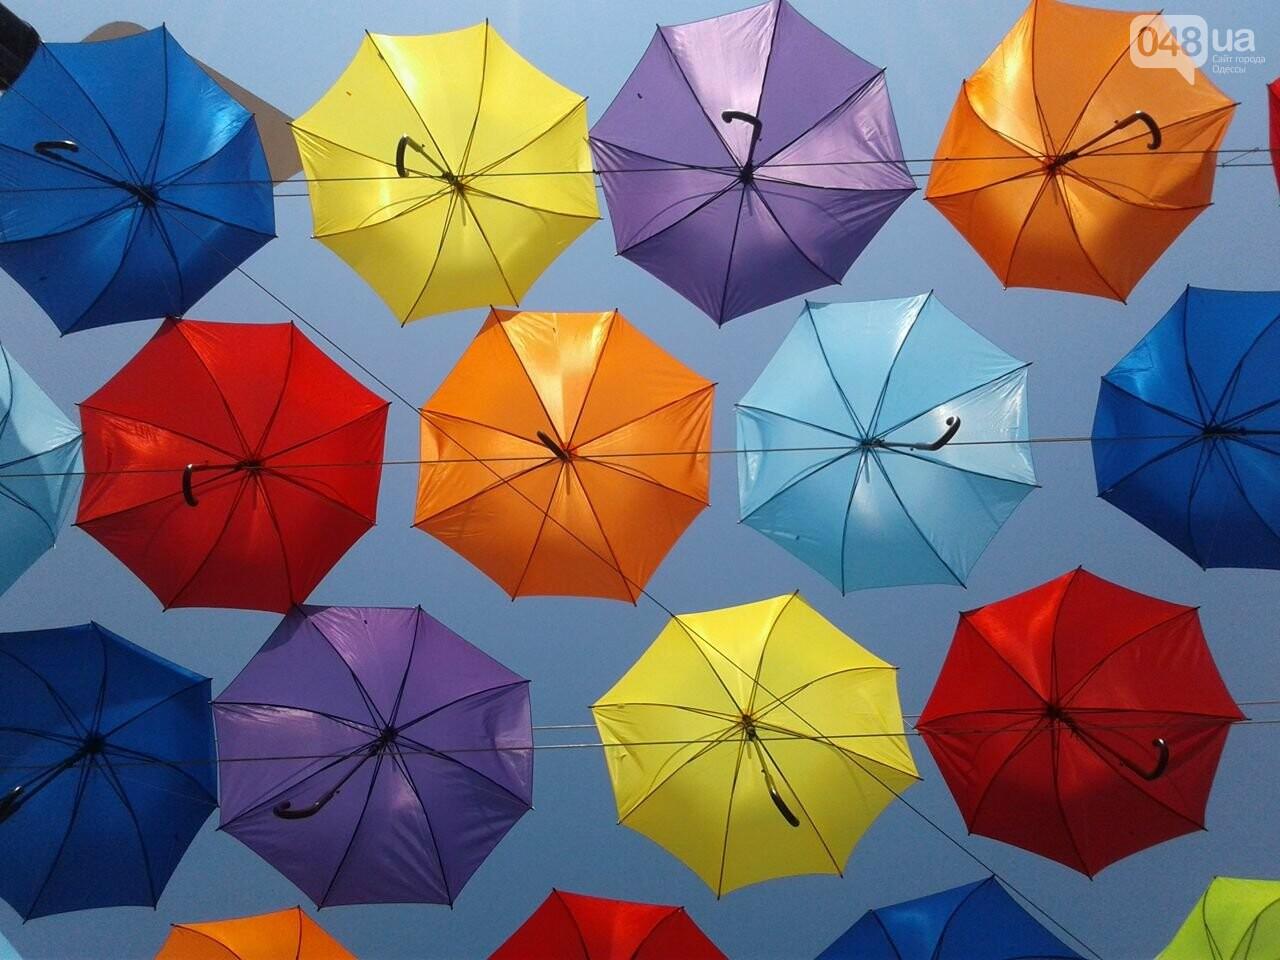 Одесскую Аркадию украсили разноцветные зонты: приходи фотографироваться (ФОТО), фото-3